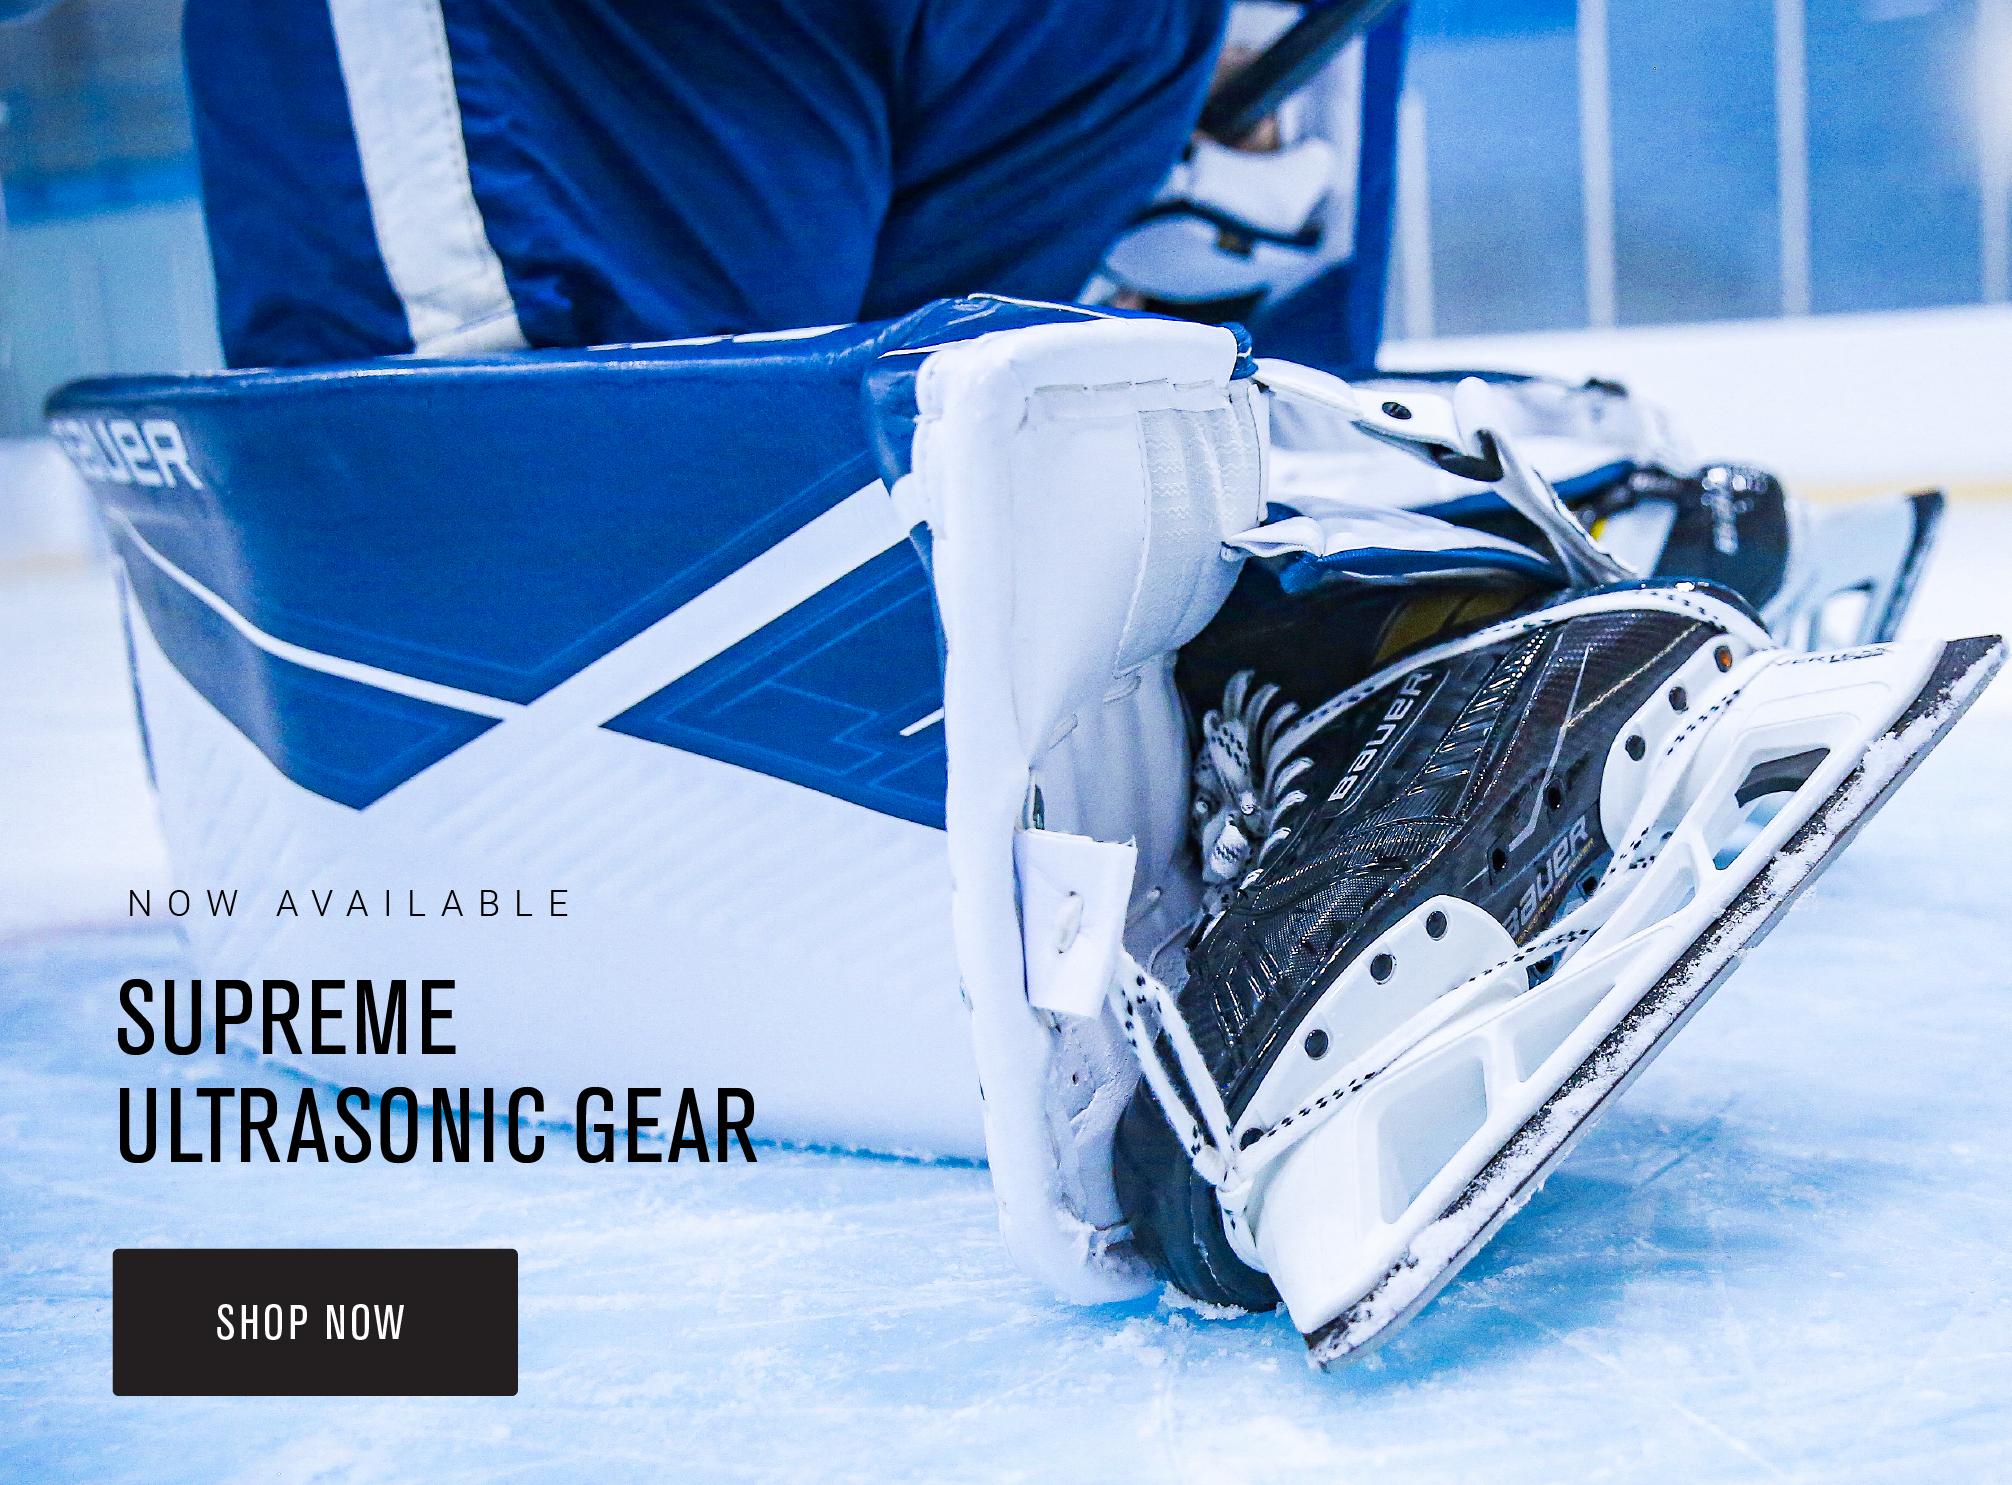 UltraSonic Goal